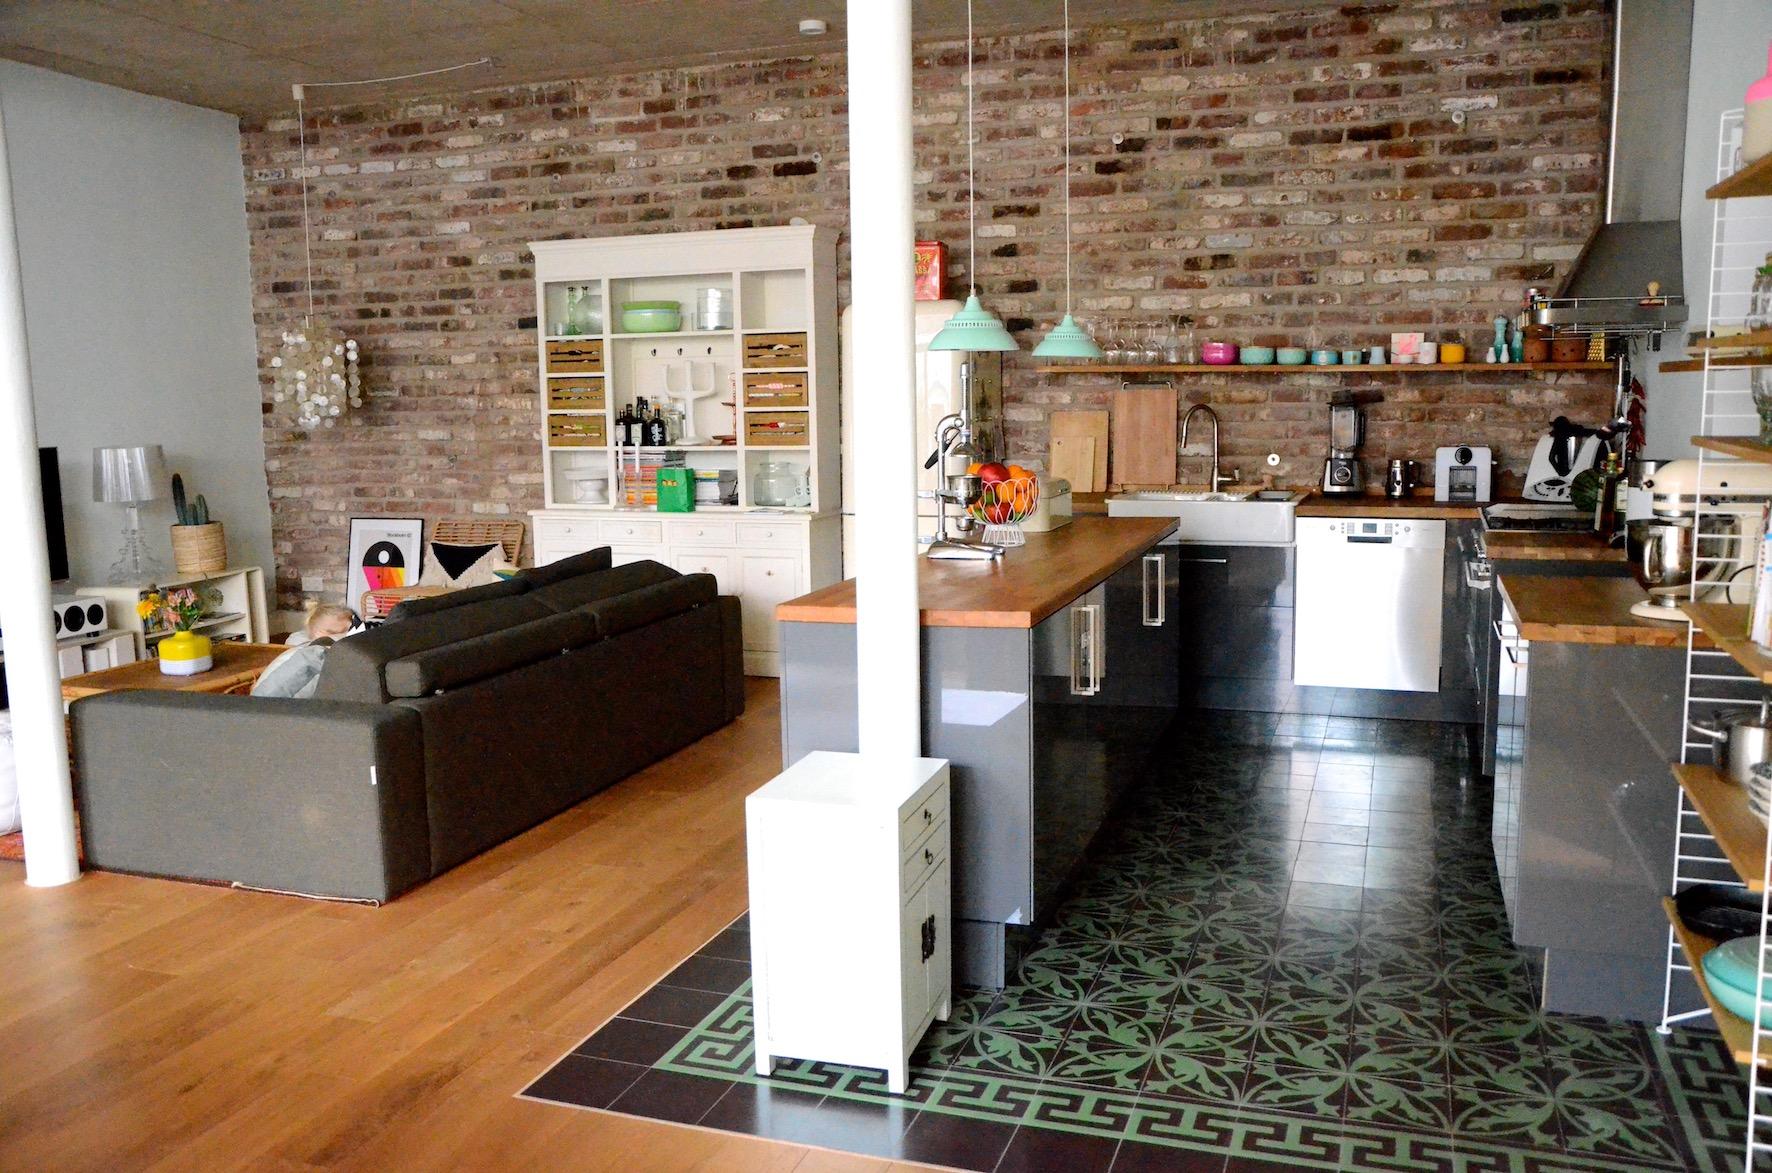 Projekt Loftausbau Wie Man Eine Offene Kuche Perfekt Ins Wohnzimmer Integriert